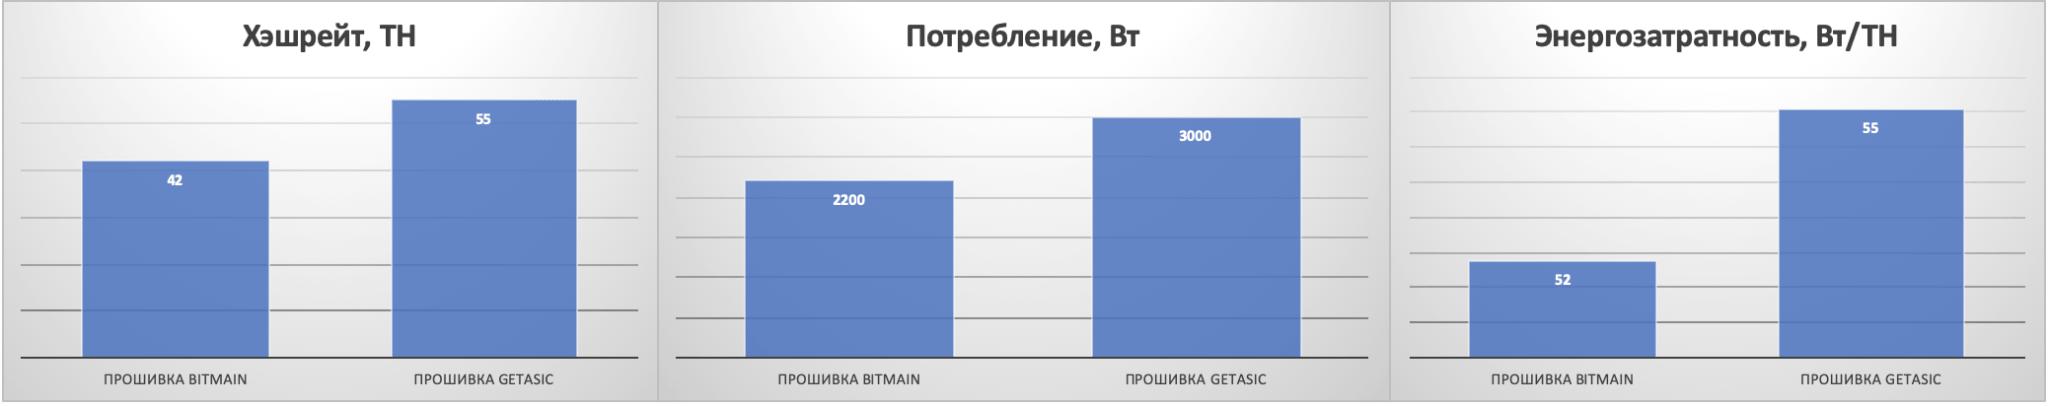 Прошивка T17 - Сравнение показателей